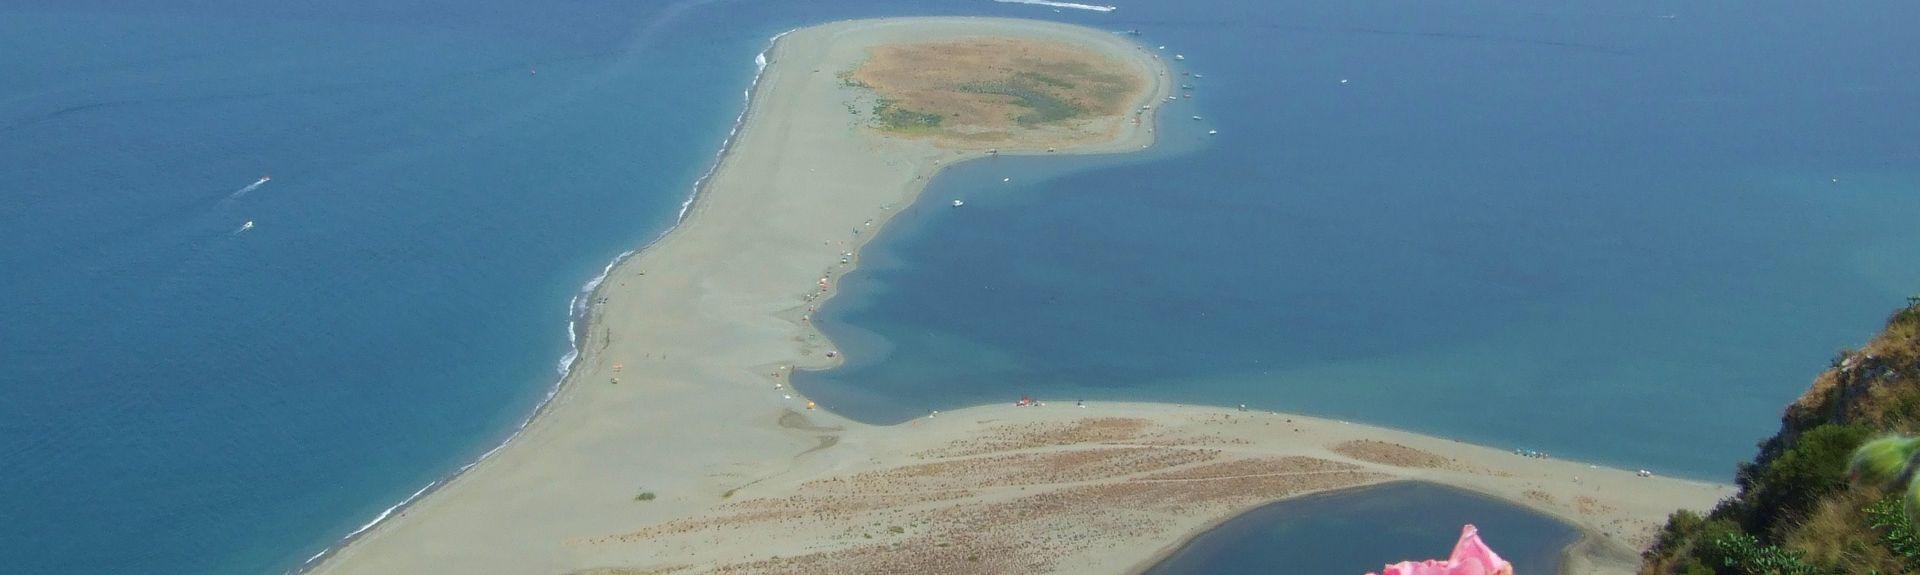 Réserve naturelle des lacs de Marinello, Patti, Sicile, Italie